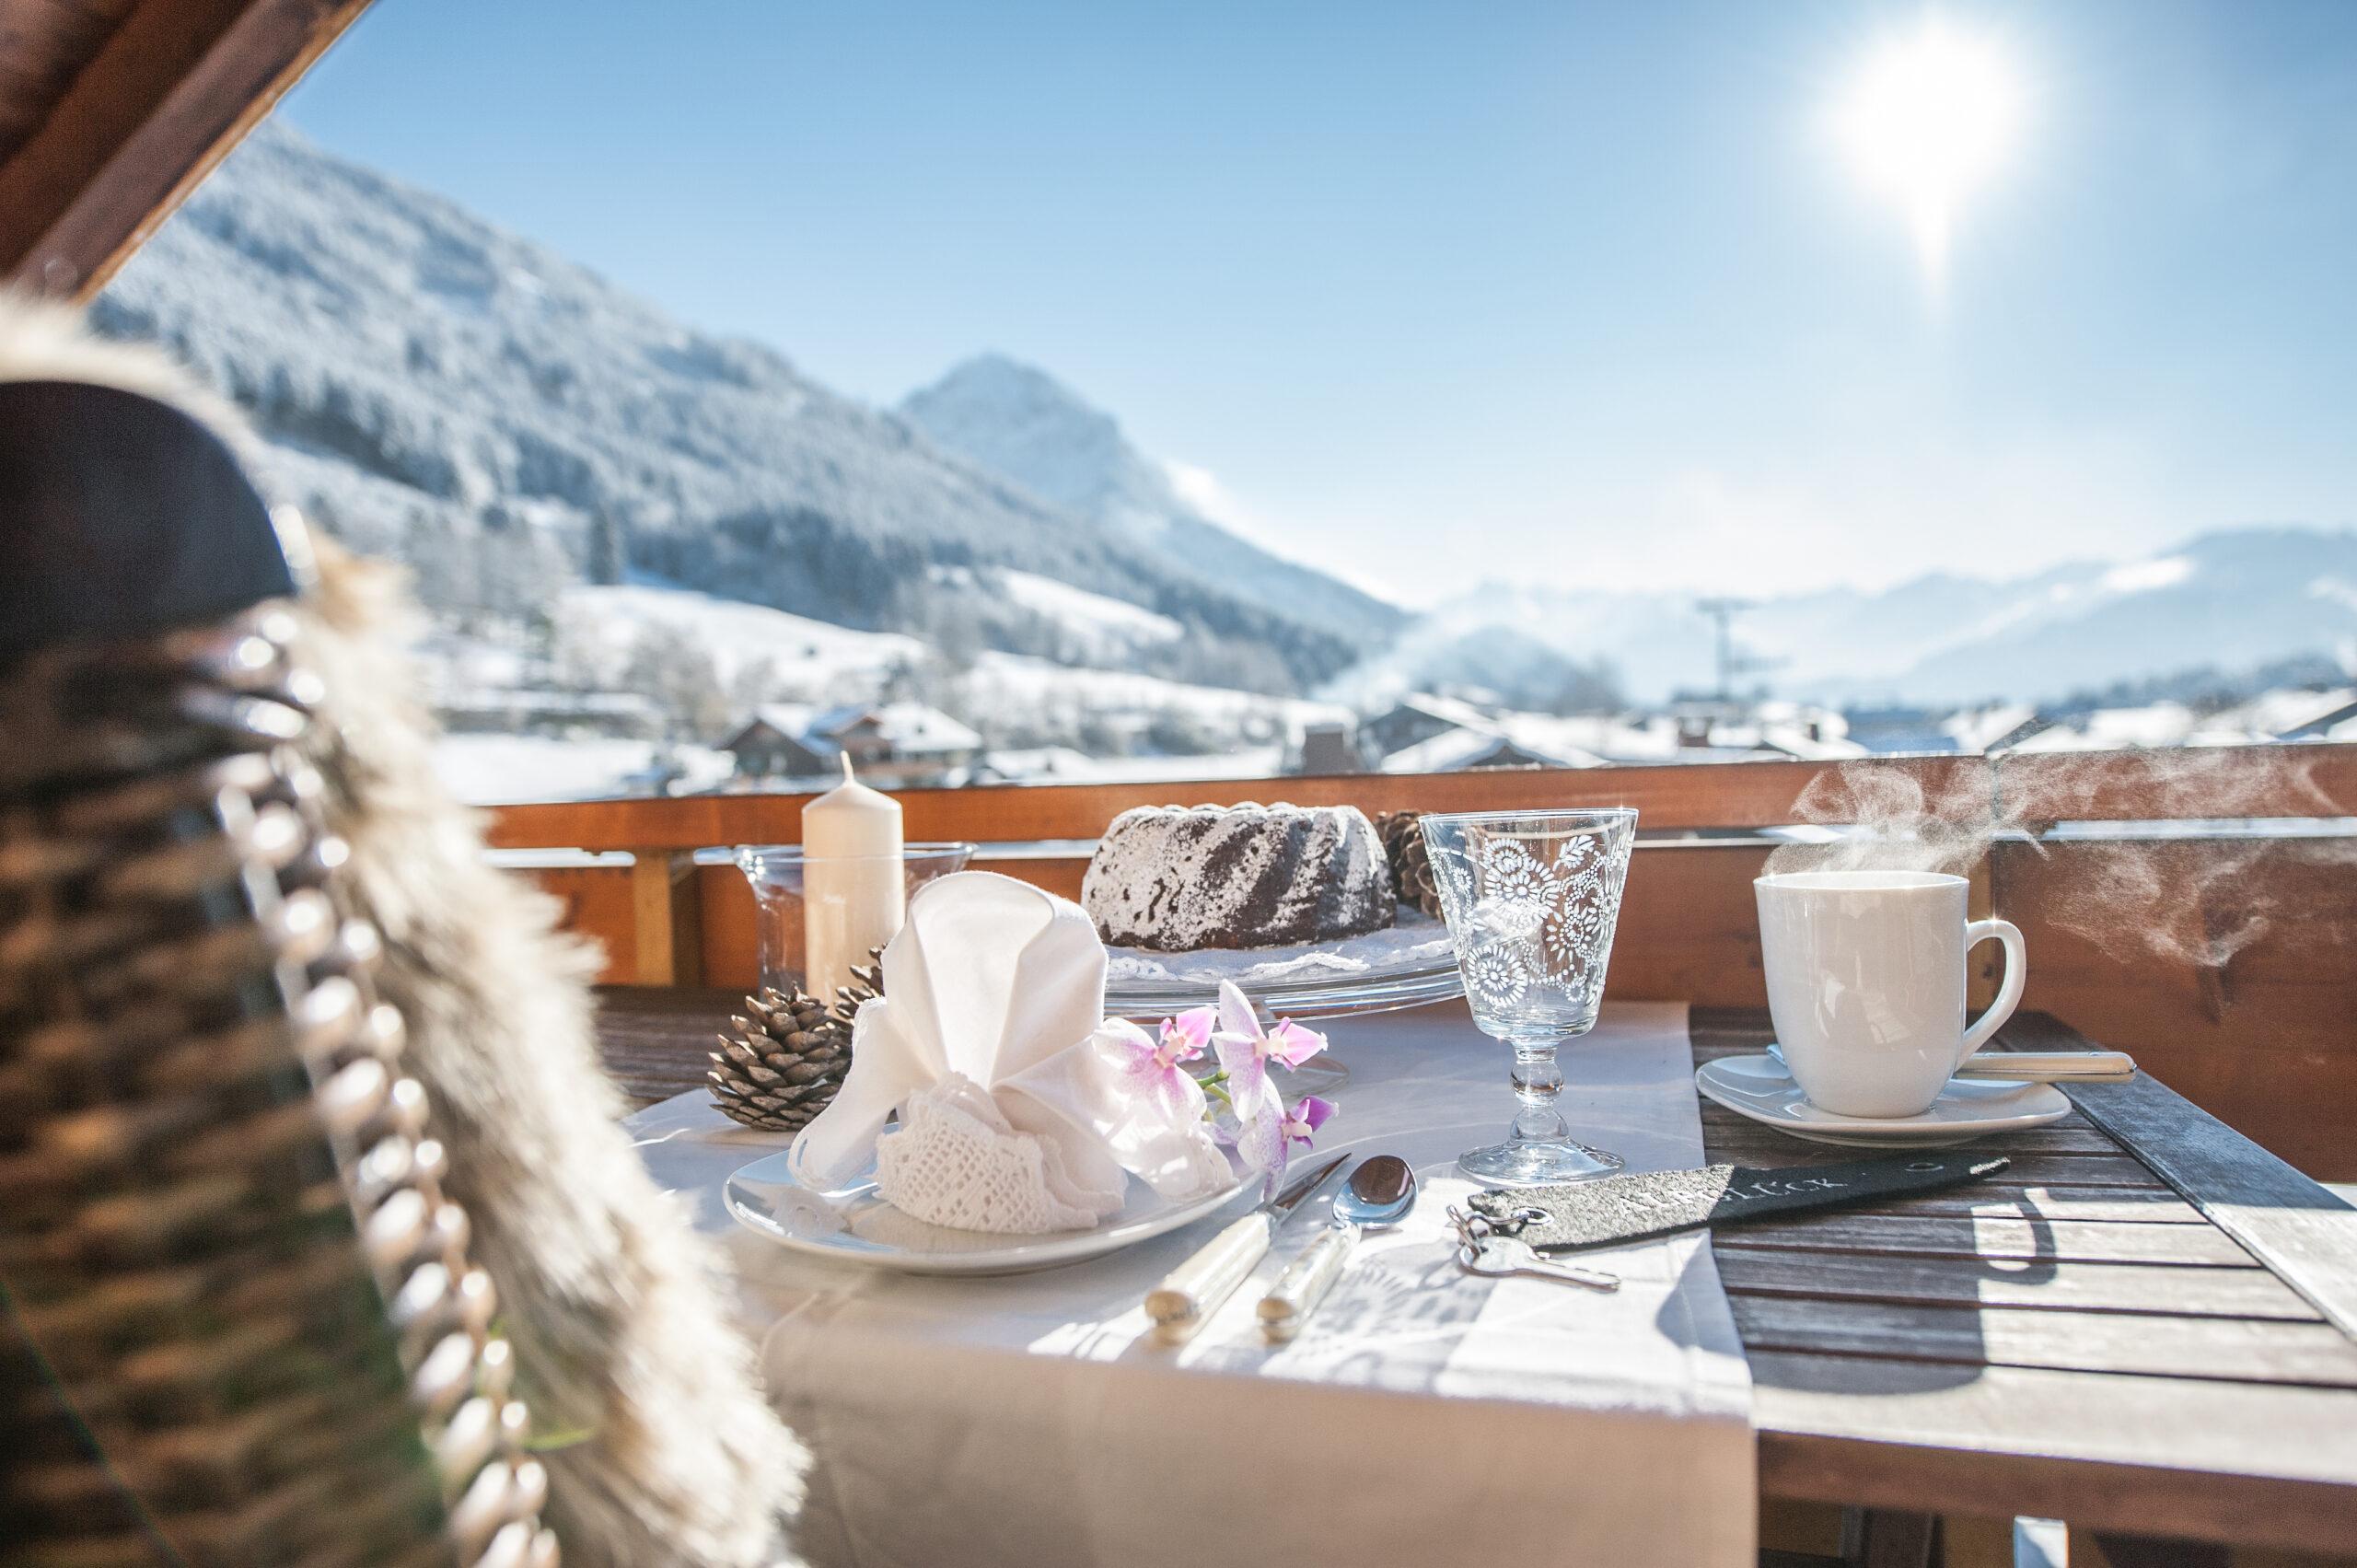 gedeckter Esstisch auf Balkon im Winter bei Sonnenschein